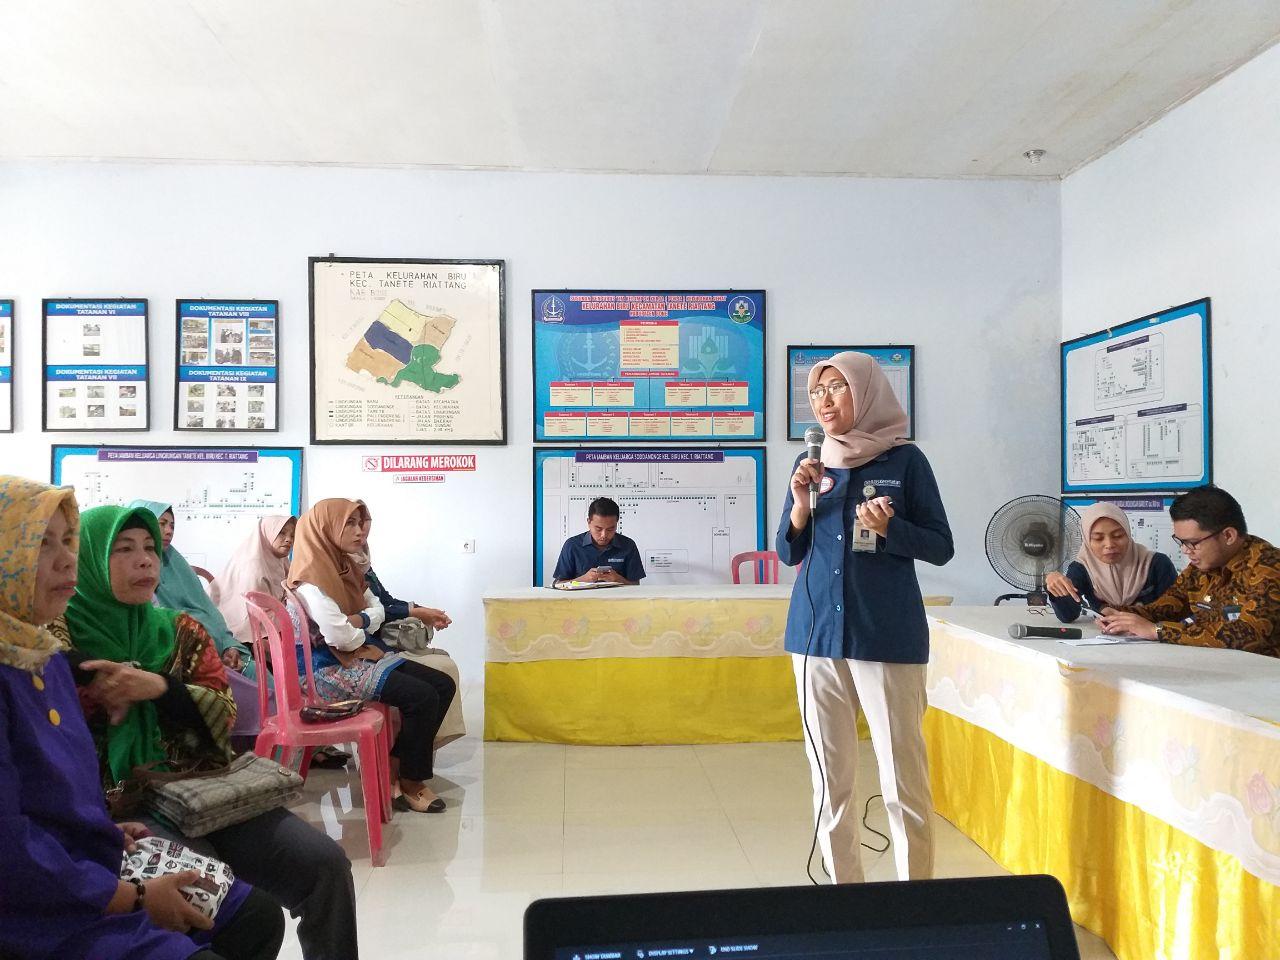 BPJS Kesehatan Cabang Watampone Laksanakan Sosialisasi di Kelurahan Biru, Ini Tujuannya